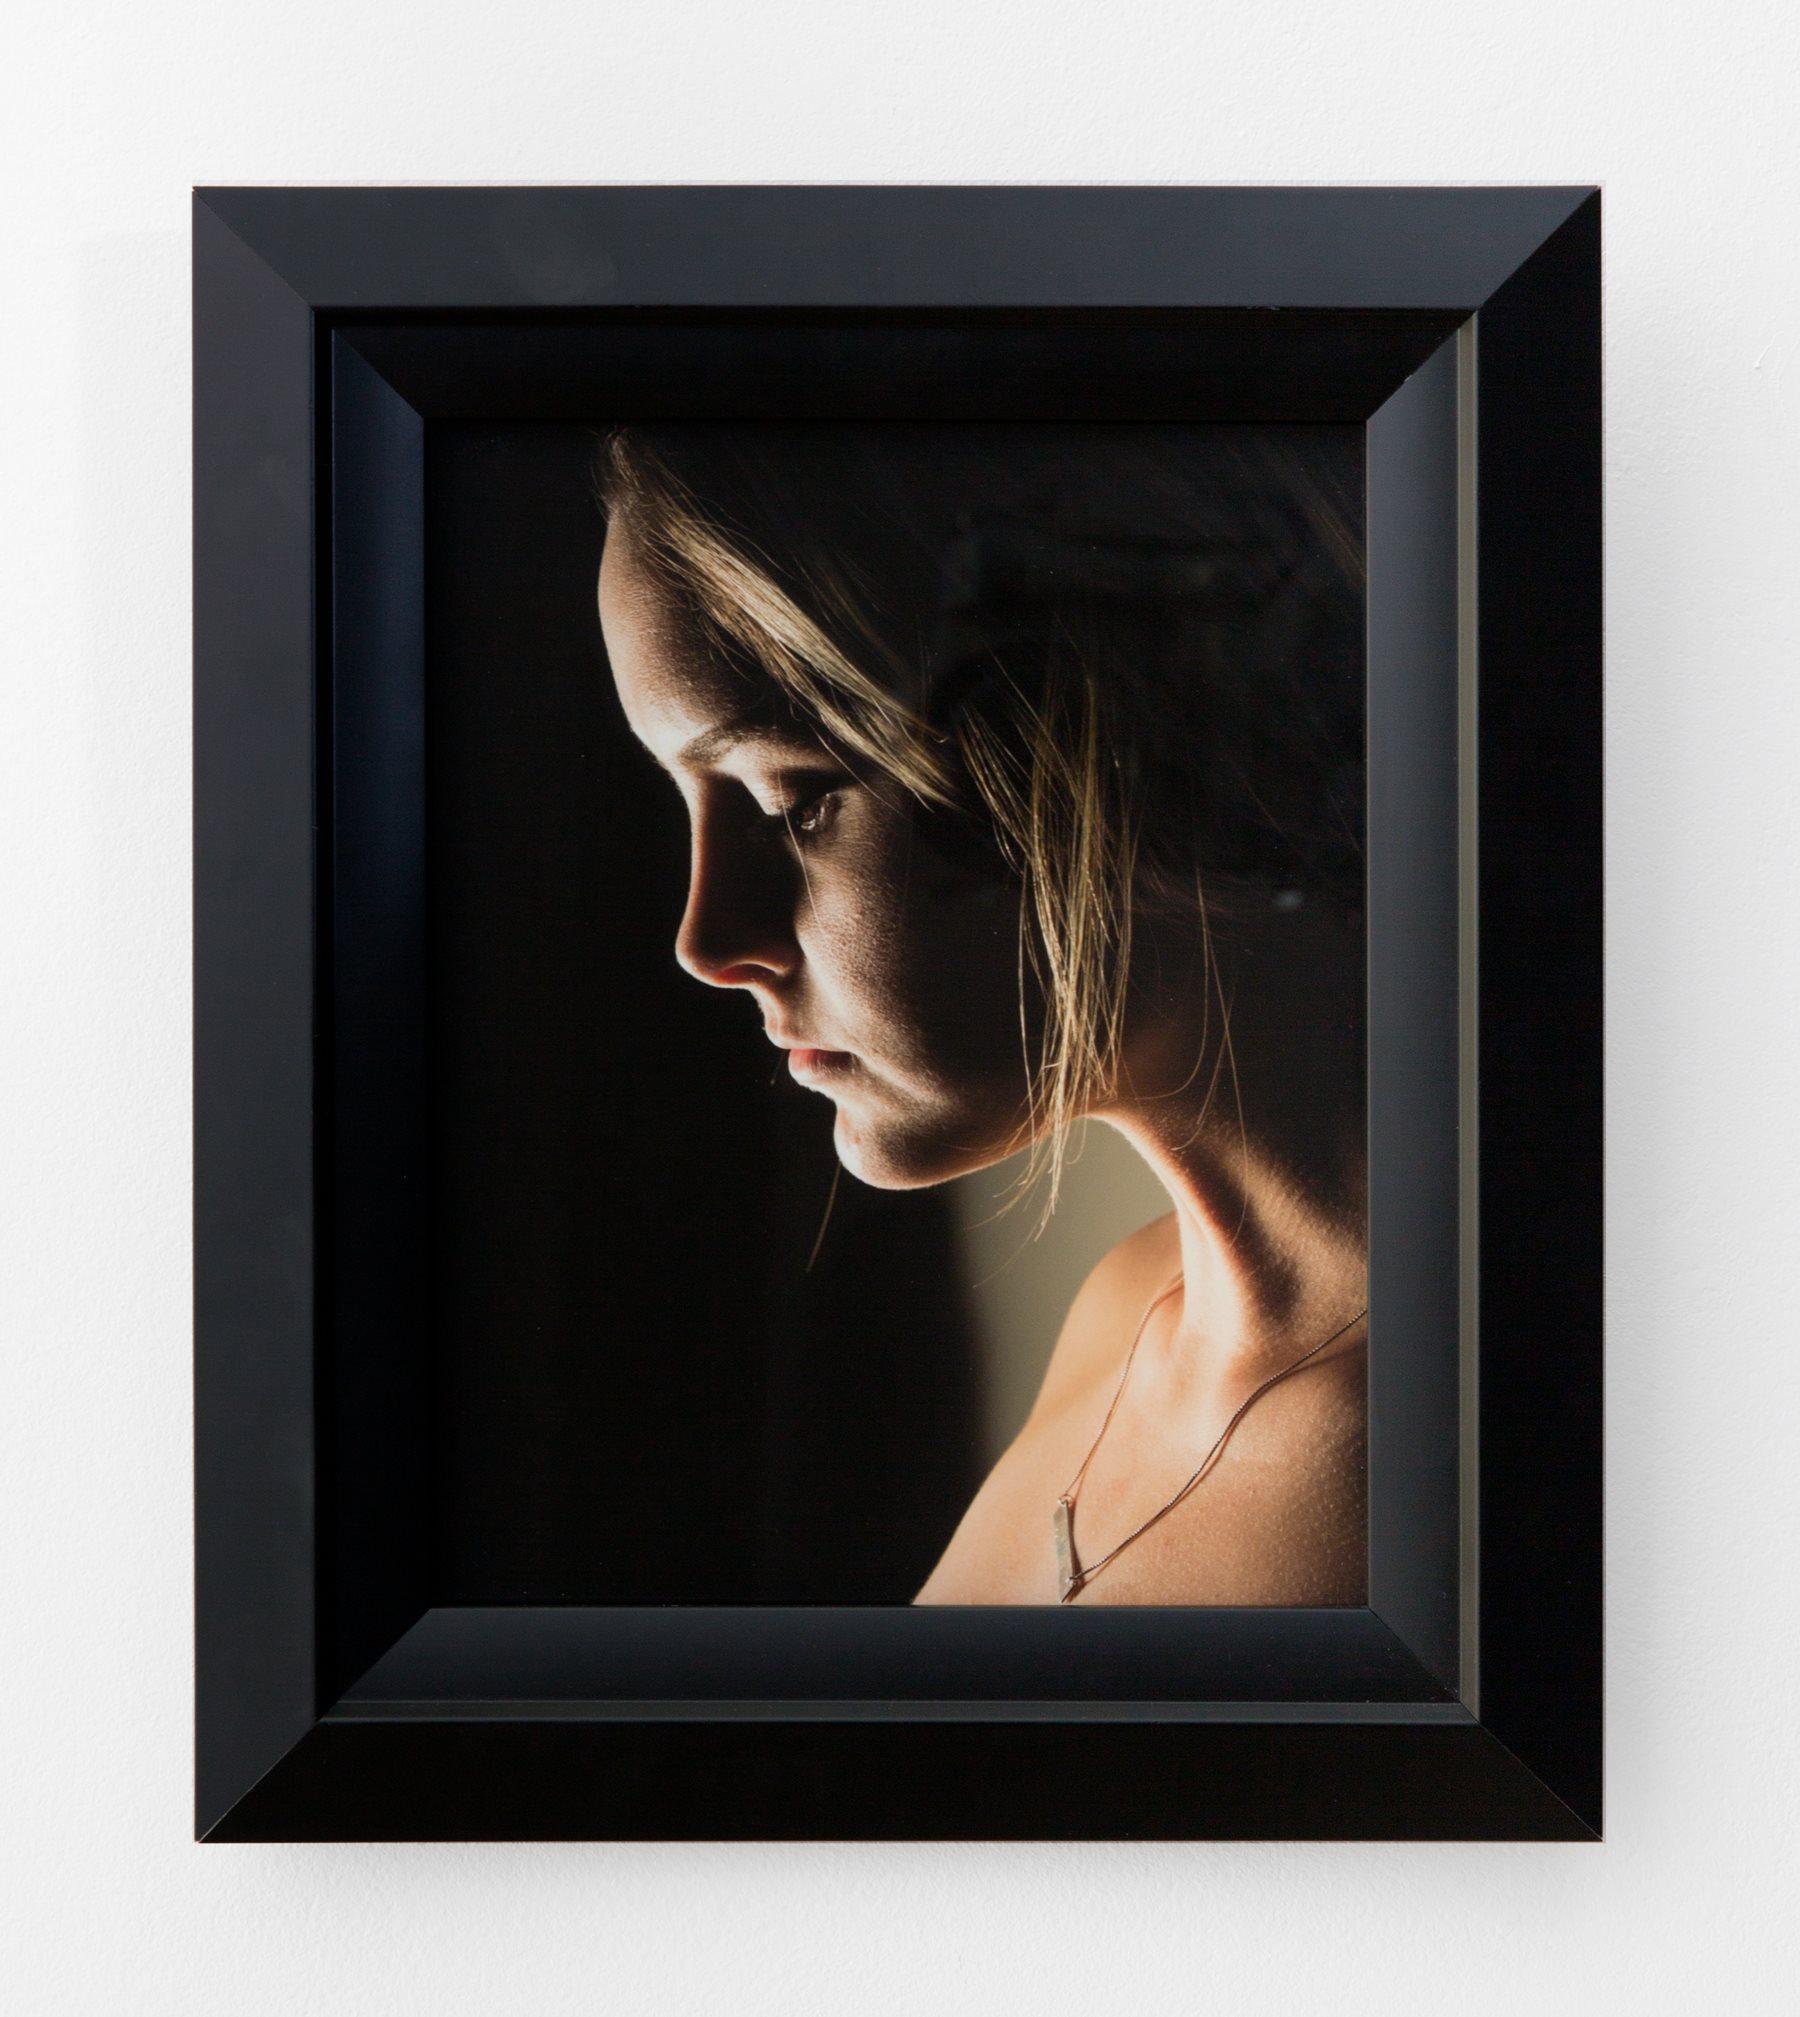 """John Isola - """"Bliss"""" Insta: @john_isola For Sale: $50"""